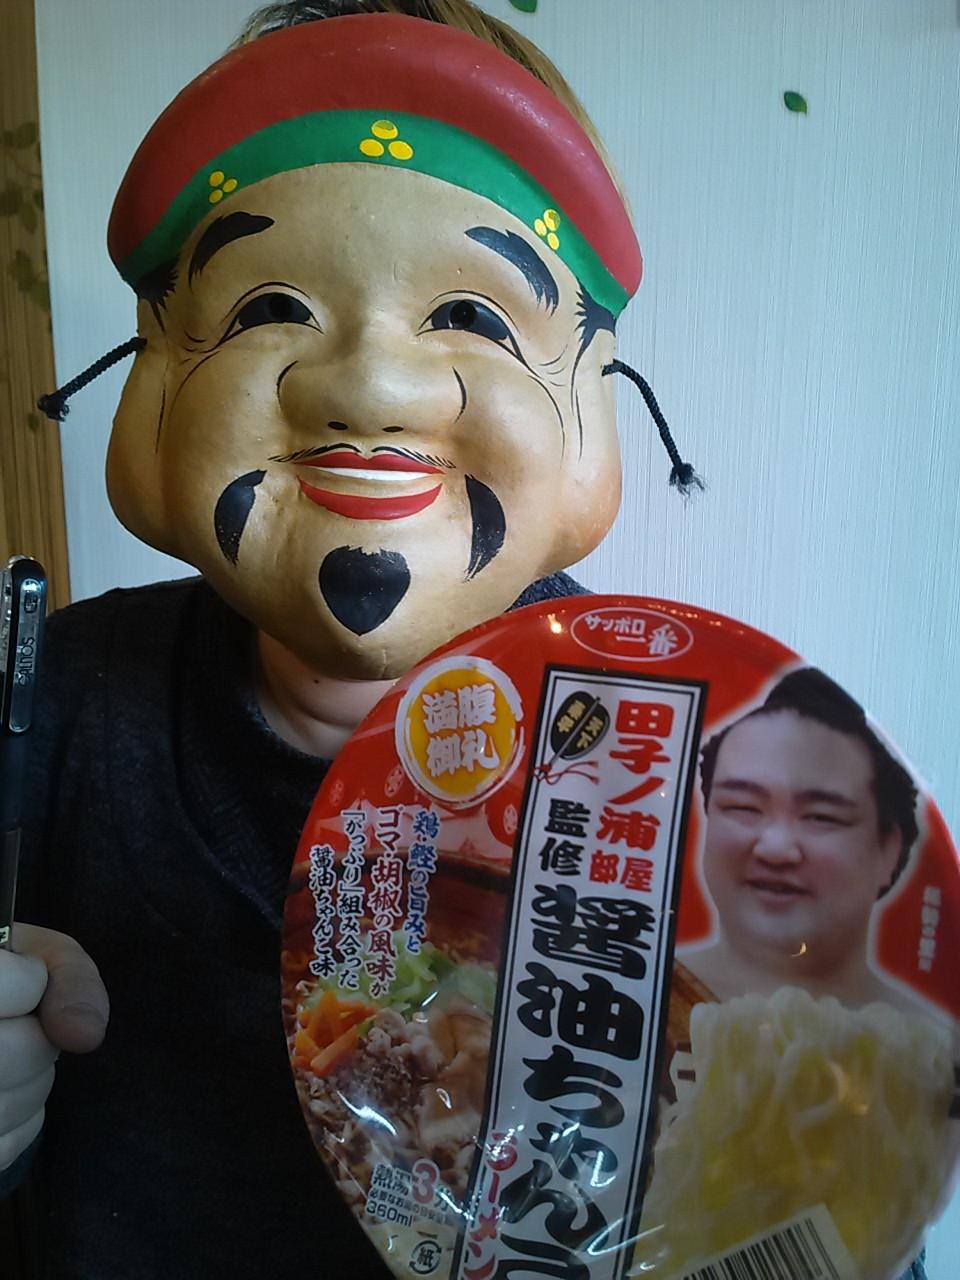 横綱ラーメンゲット!!